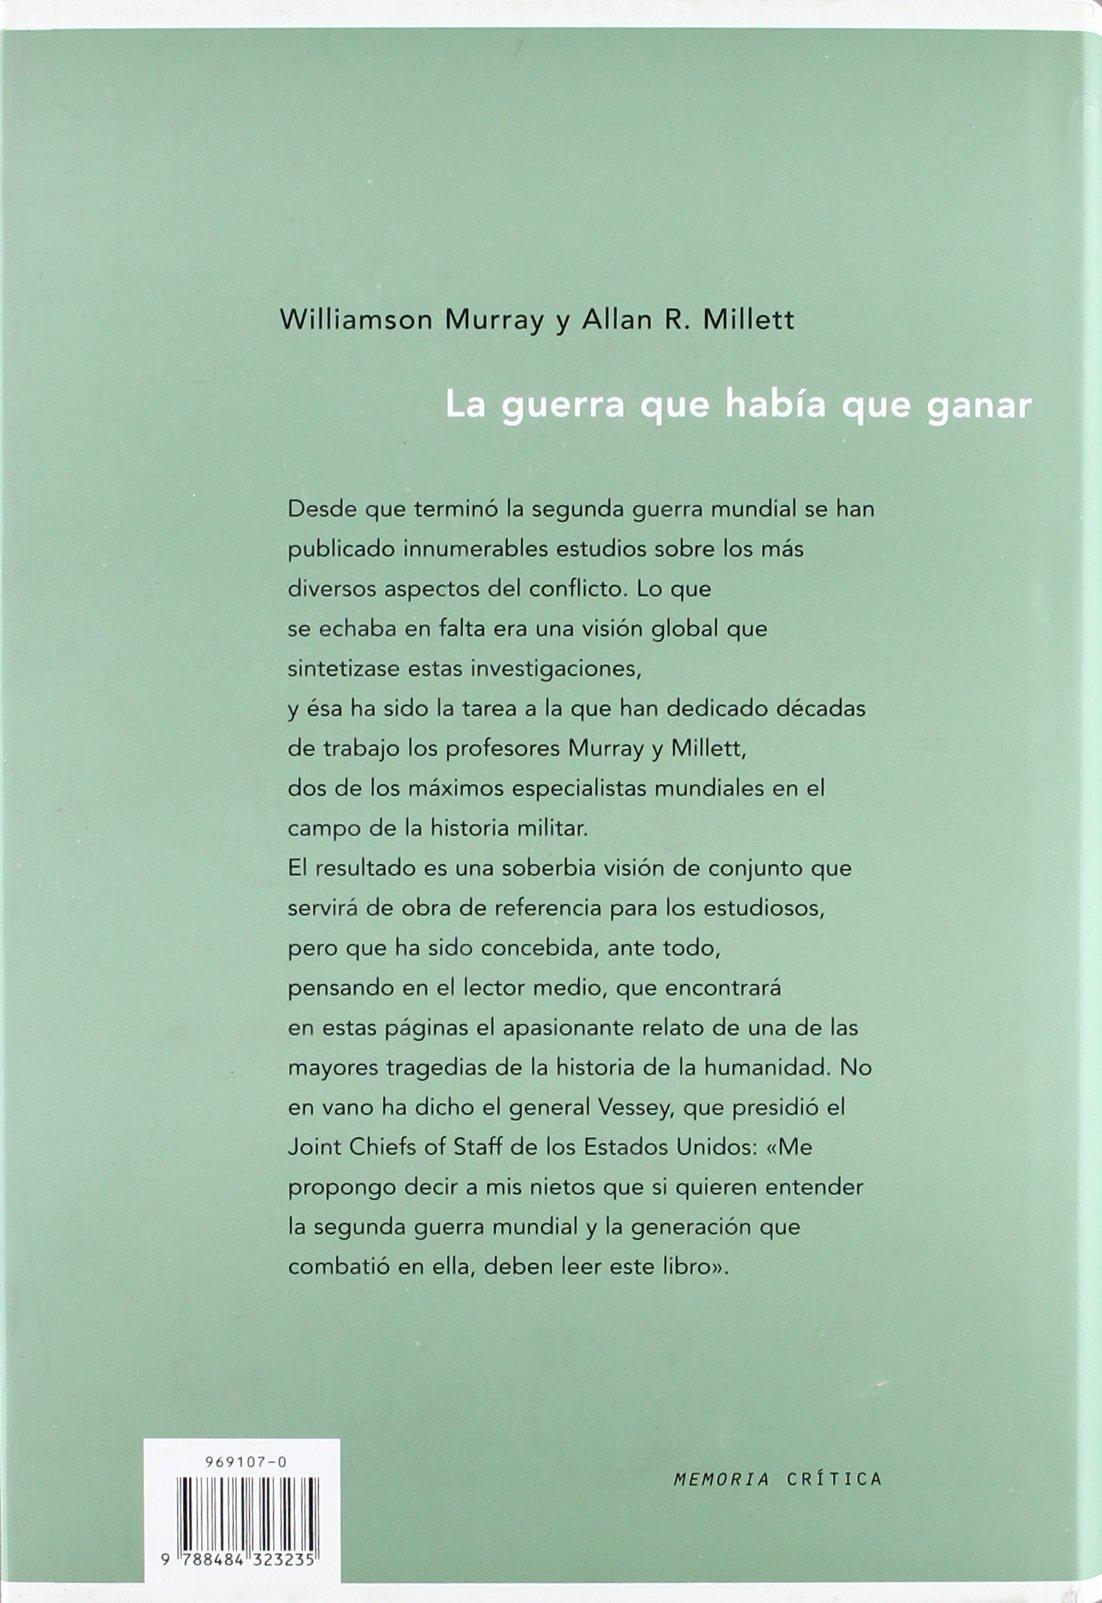 La guerra que había que ganar (Memoria (critica)): Amazon.es ...